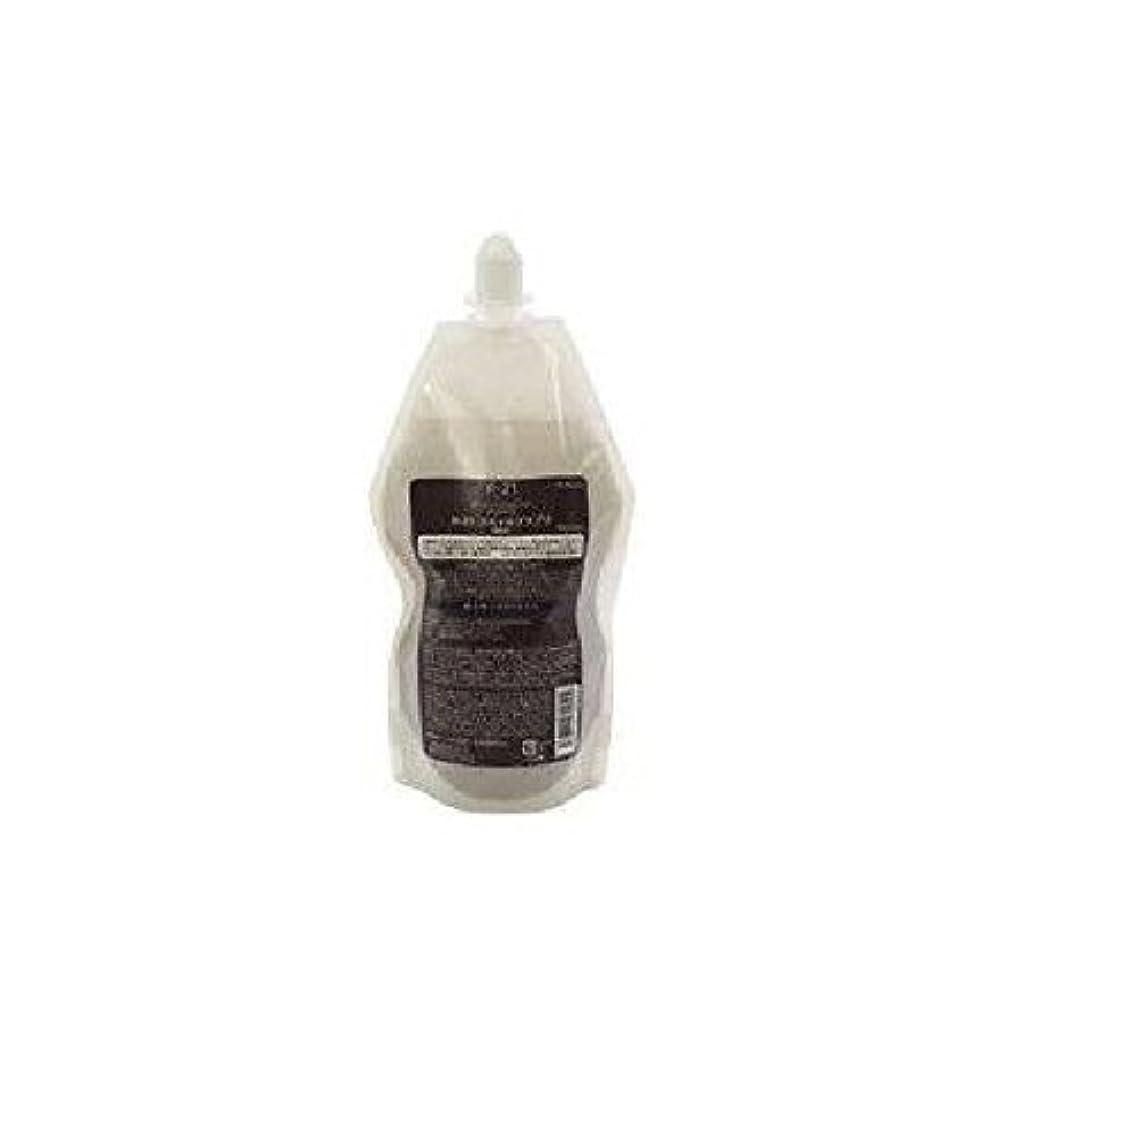 不幸補充項目サンコール R-21 スキャルプサプリ HE 400ml (詰替用)